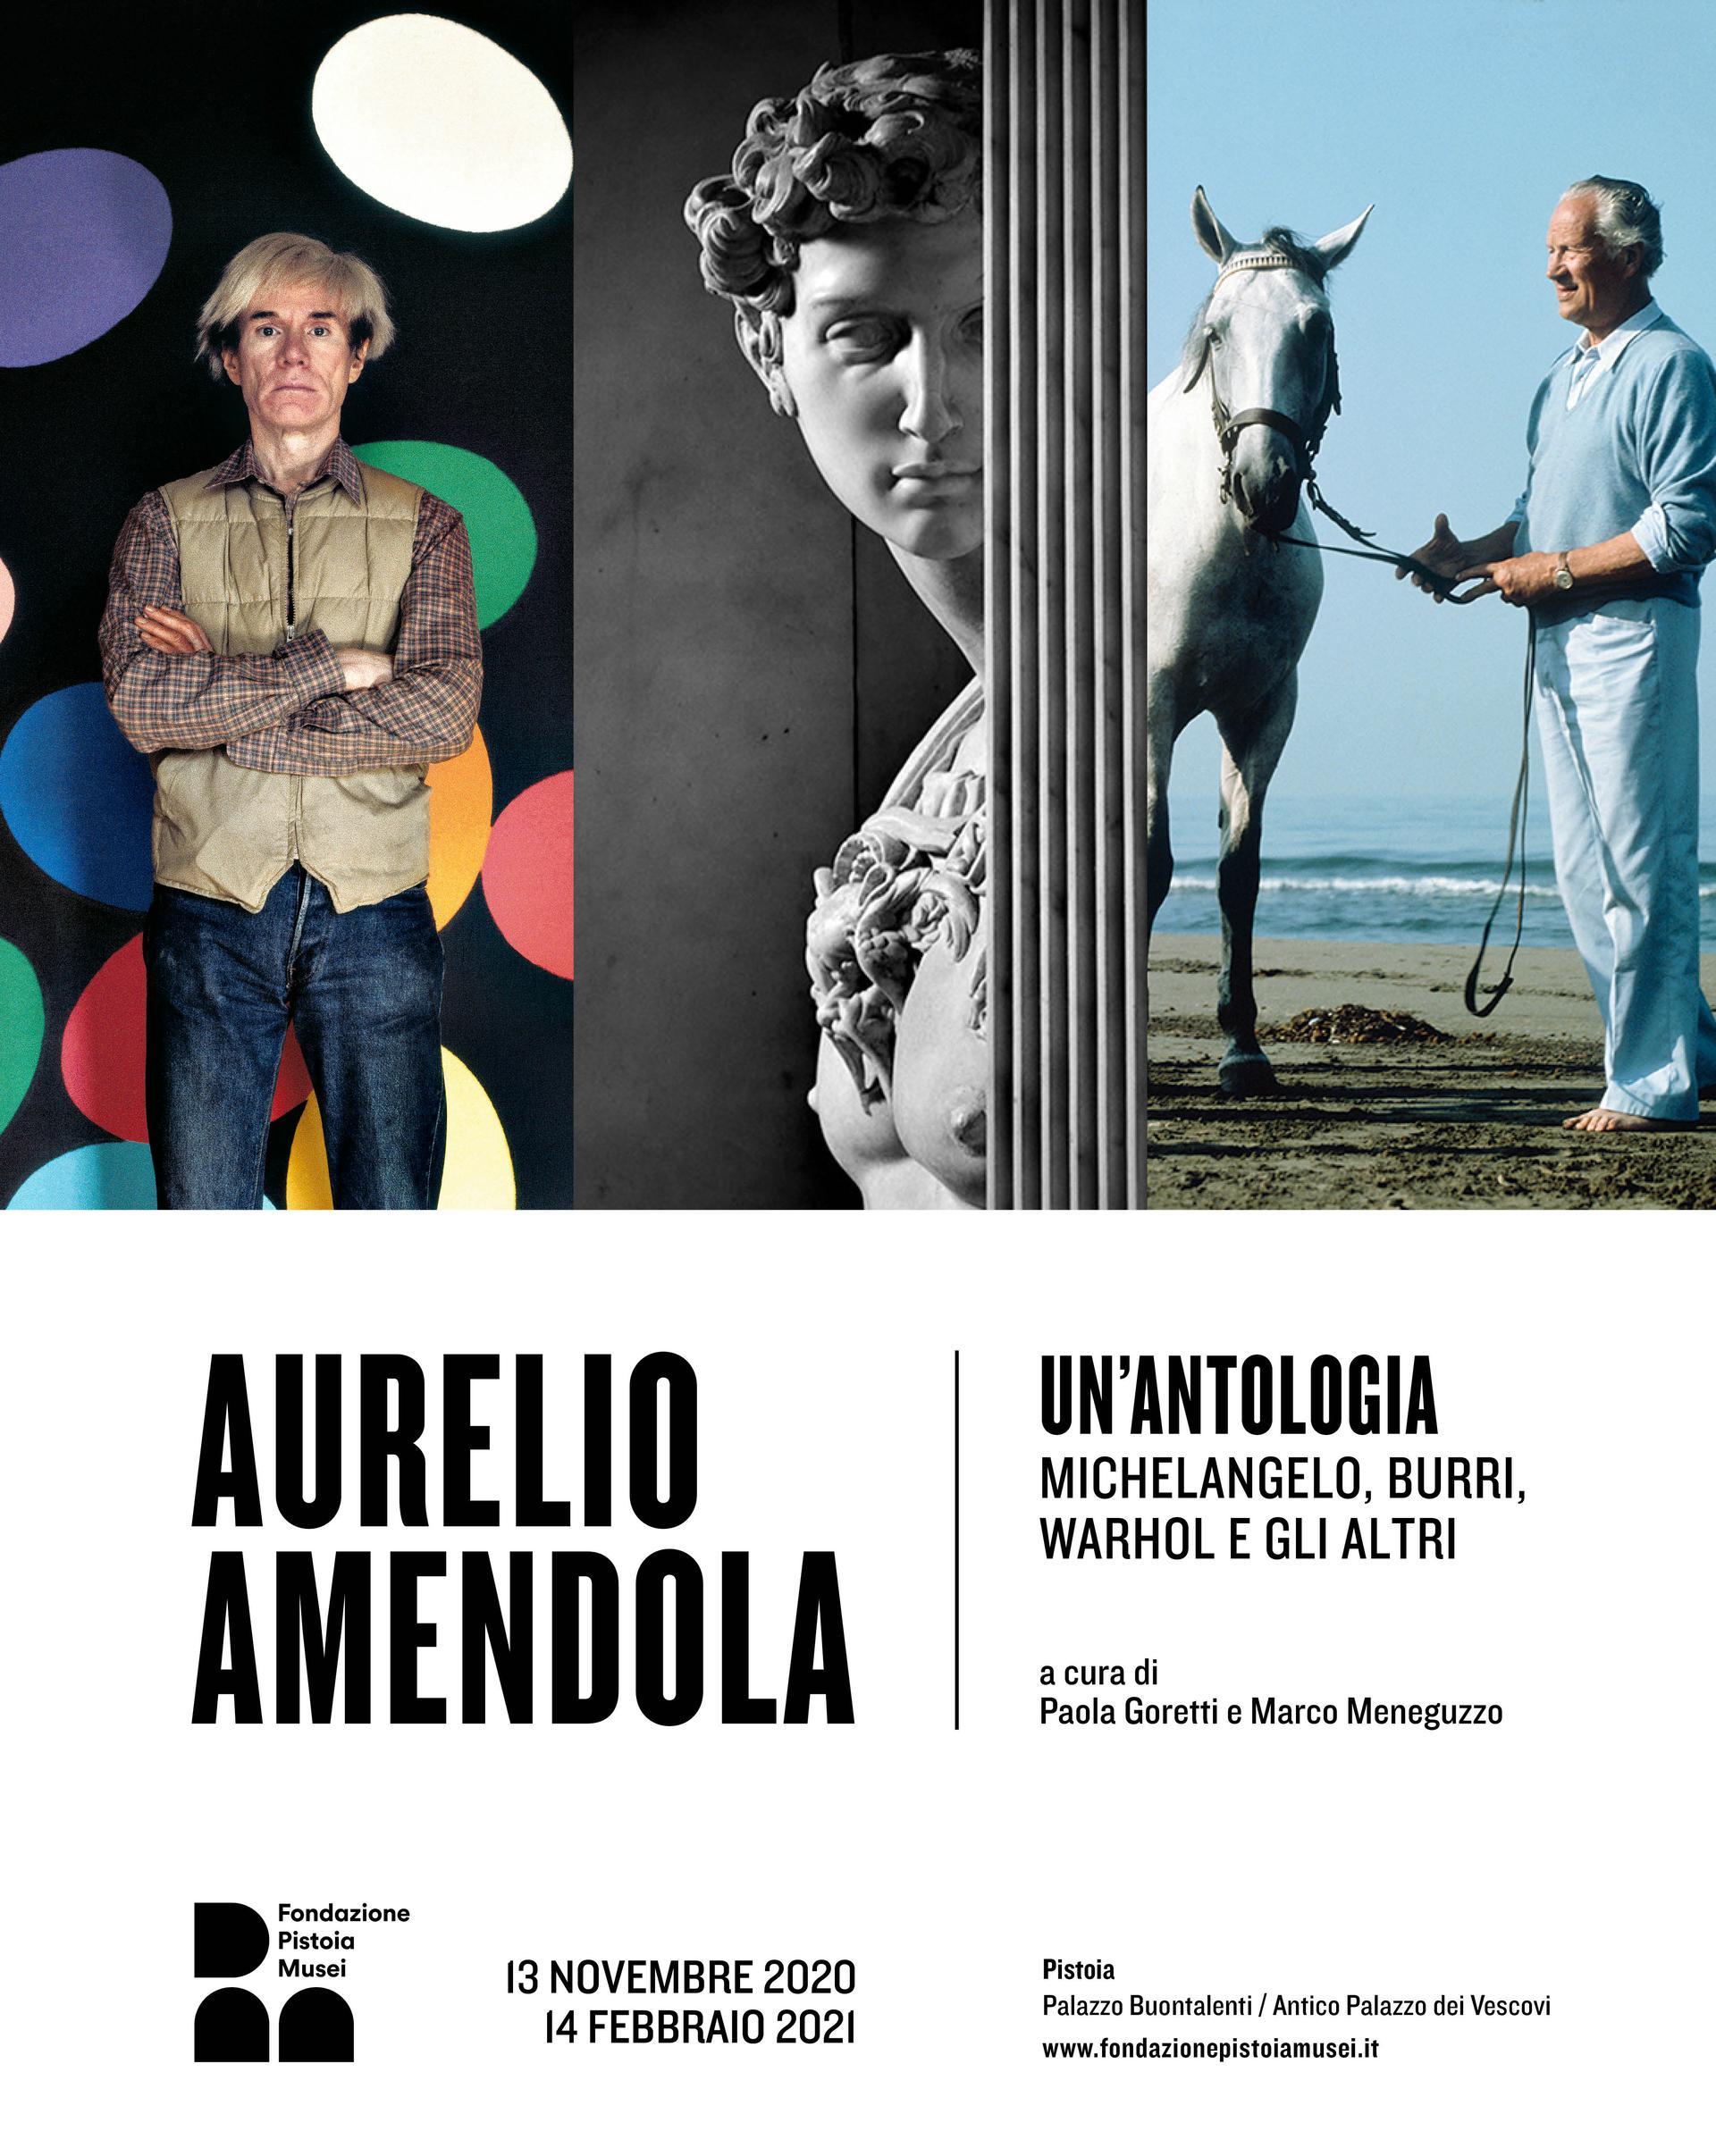 Aurelio Amendola – un antologia